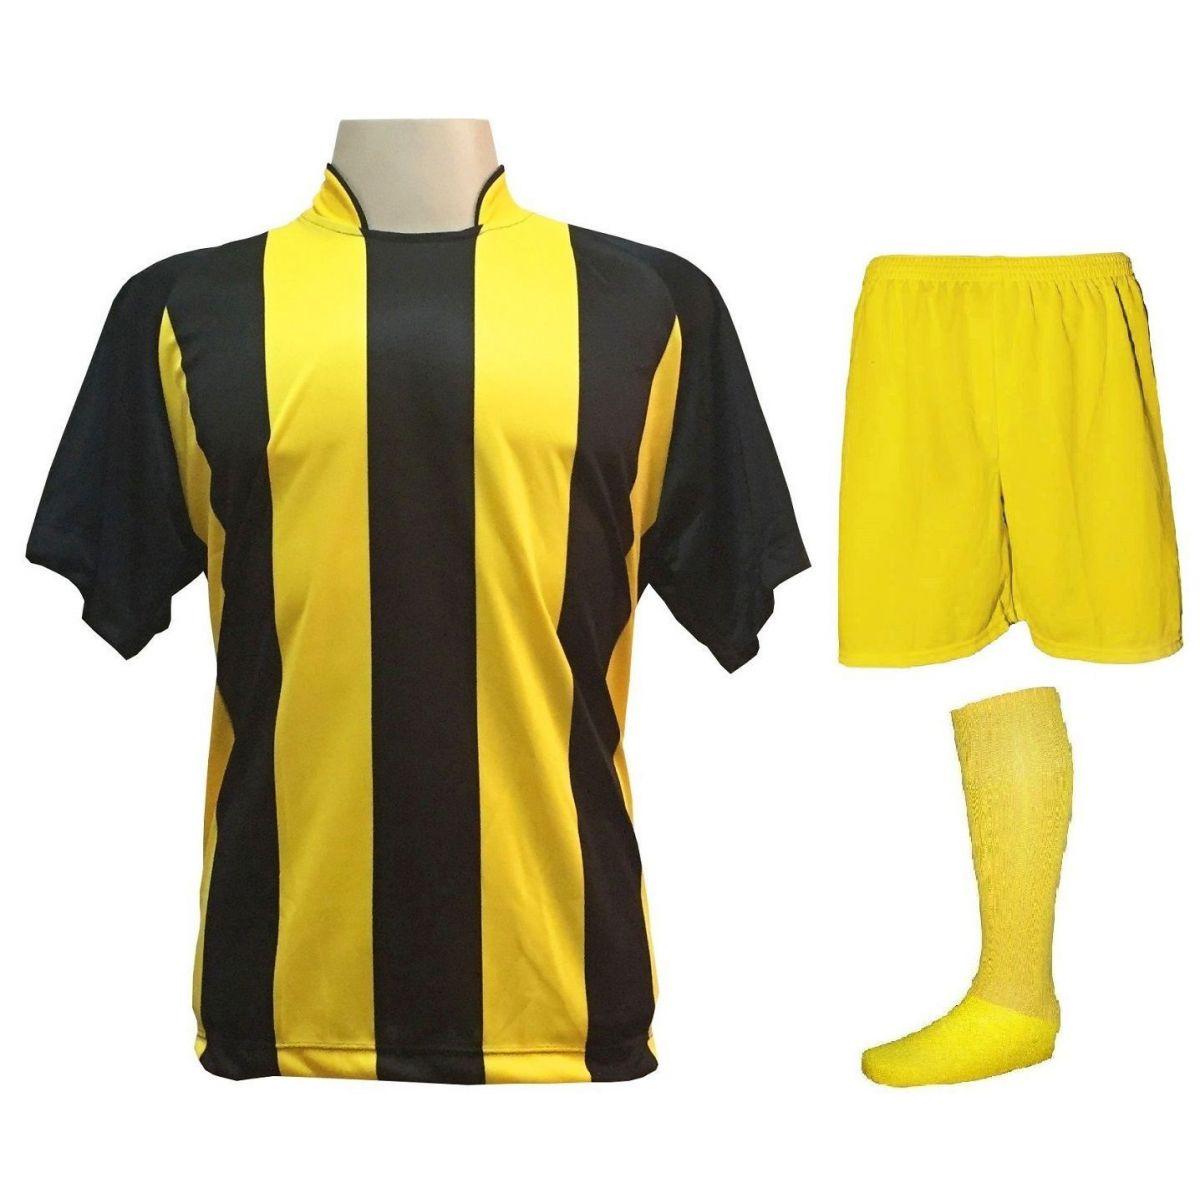 Uniforme Esportivo com 20 camisas modelo Milan Preto/Amarelo + 20 calções modelo Madrid Amarelo + 20 pares de meiões Amarelo